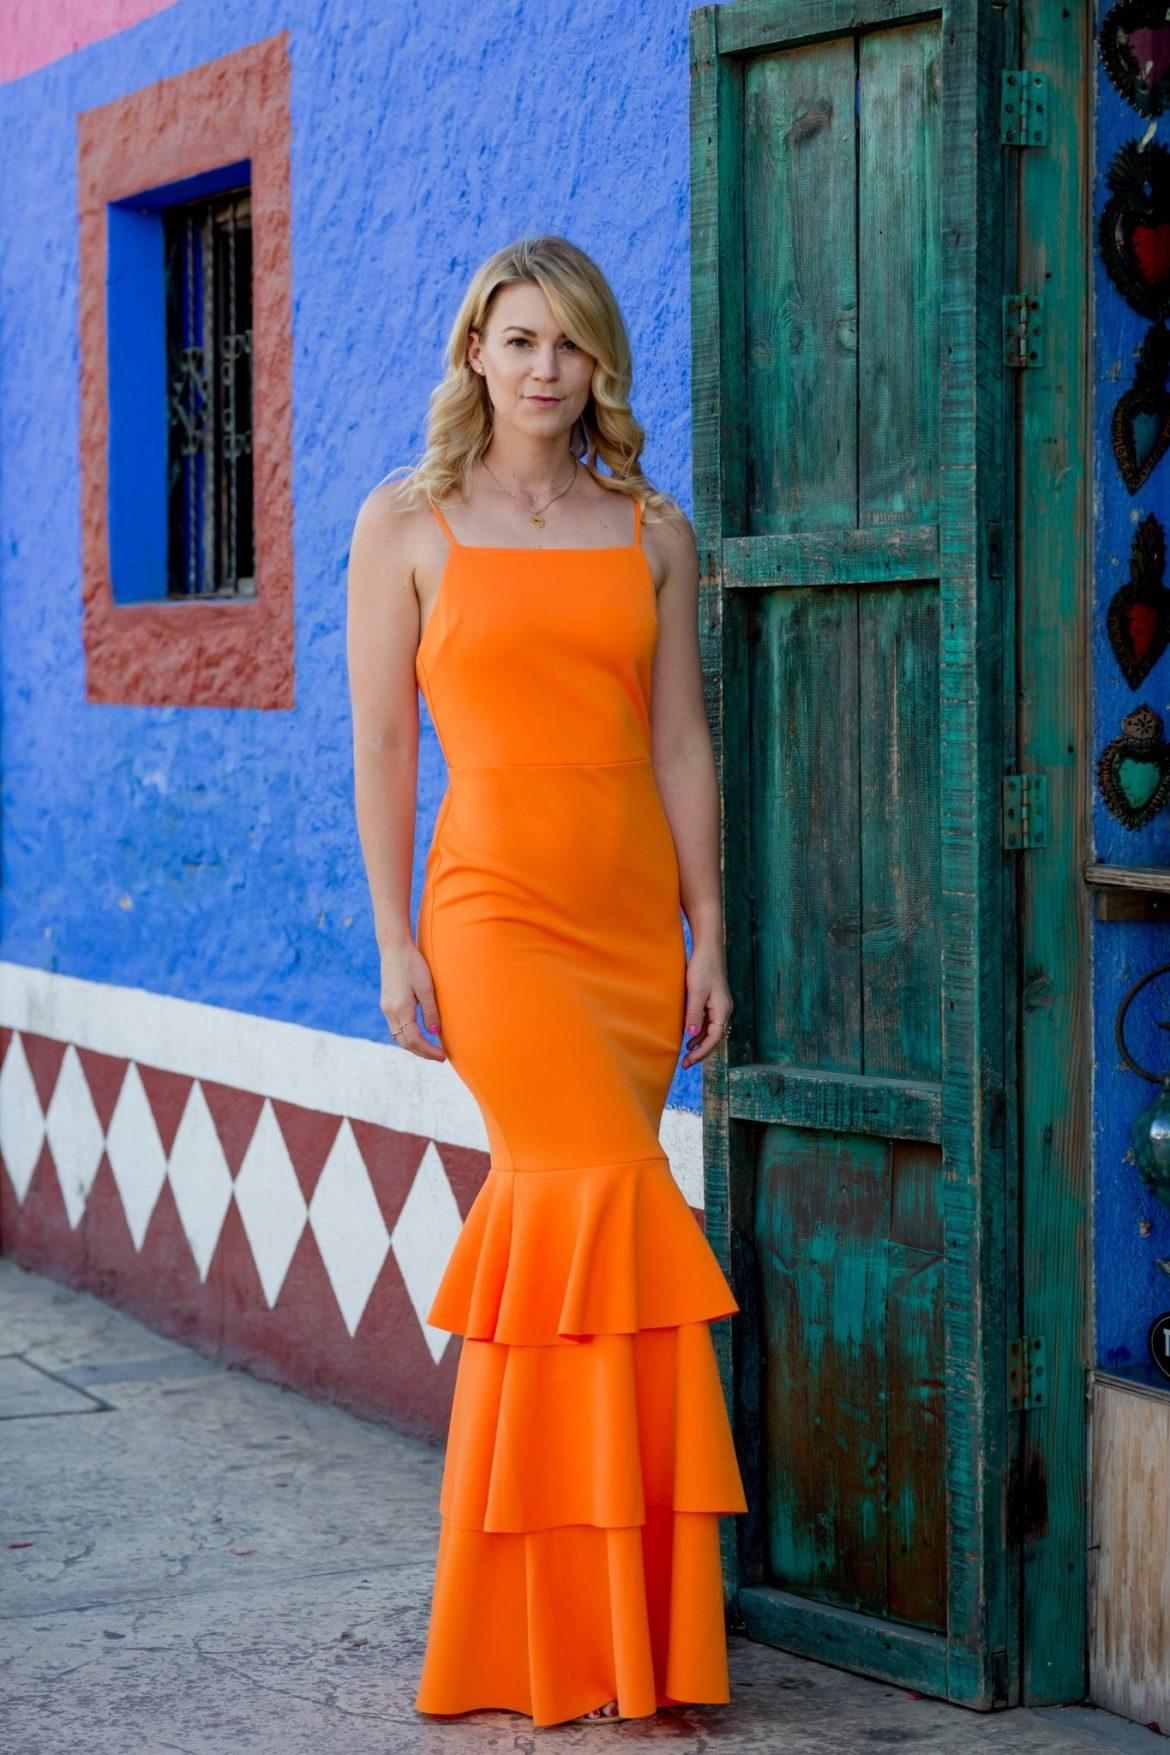 How To Wear Orange Dress